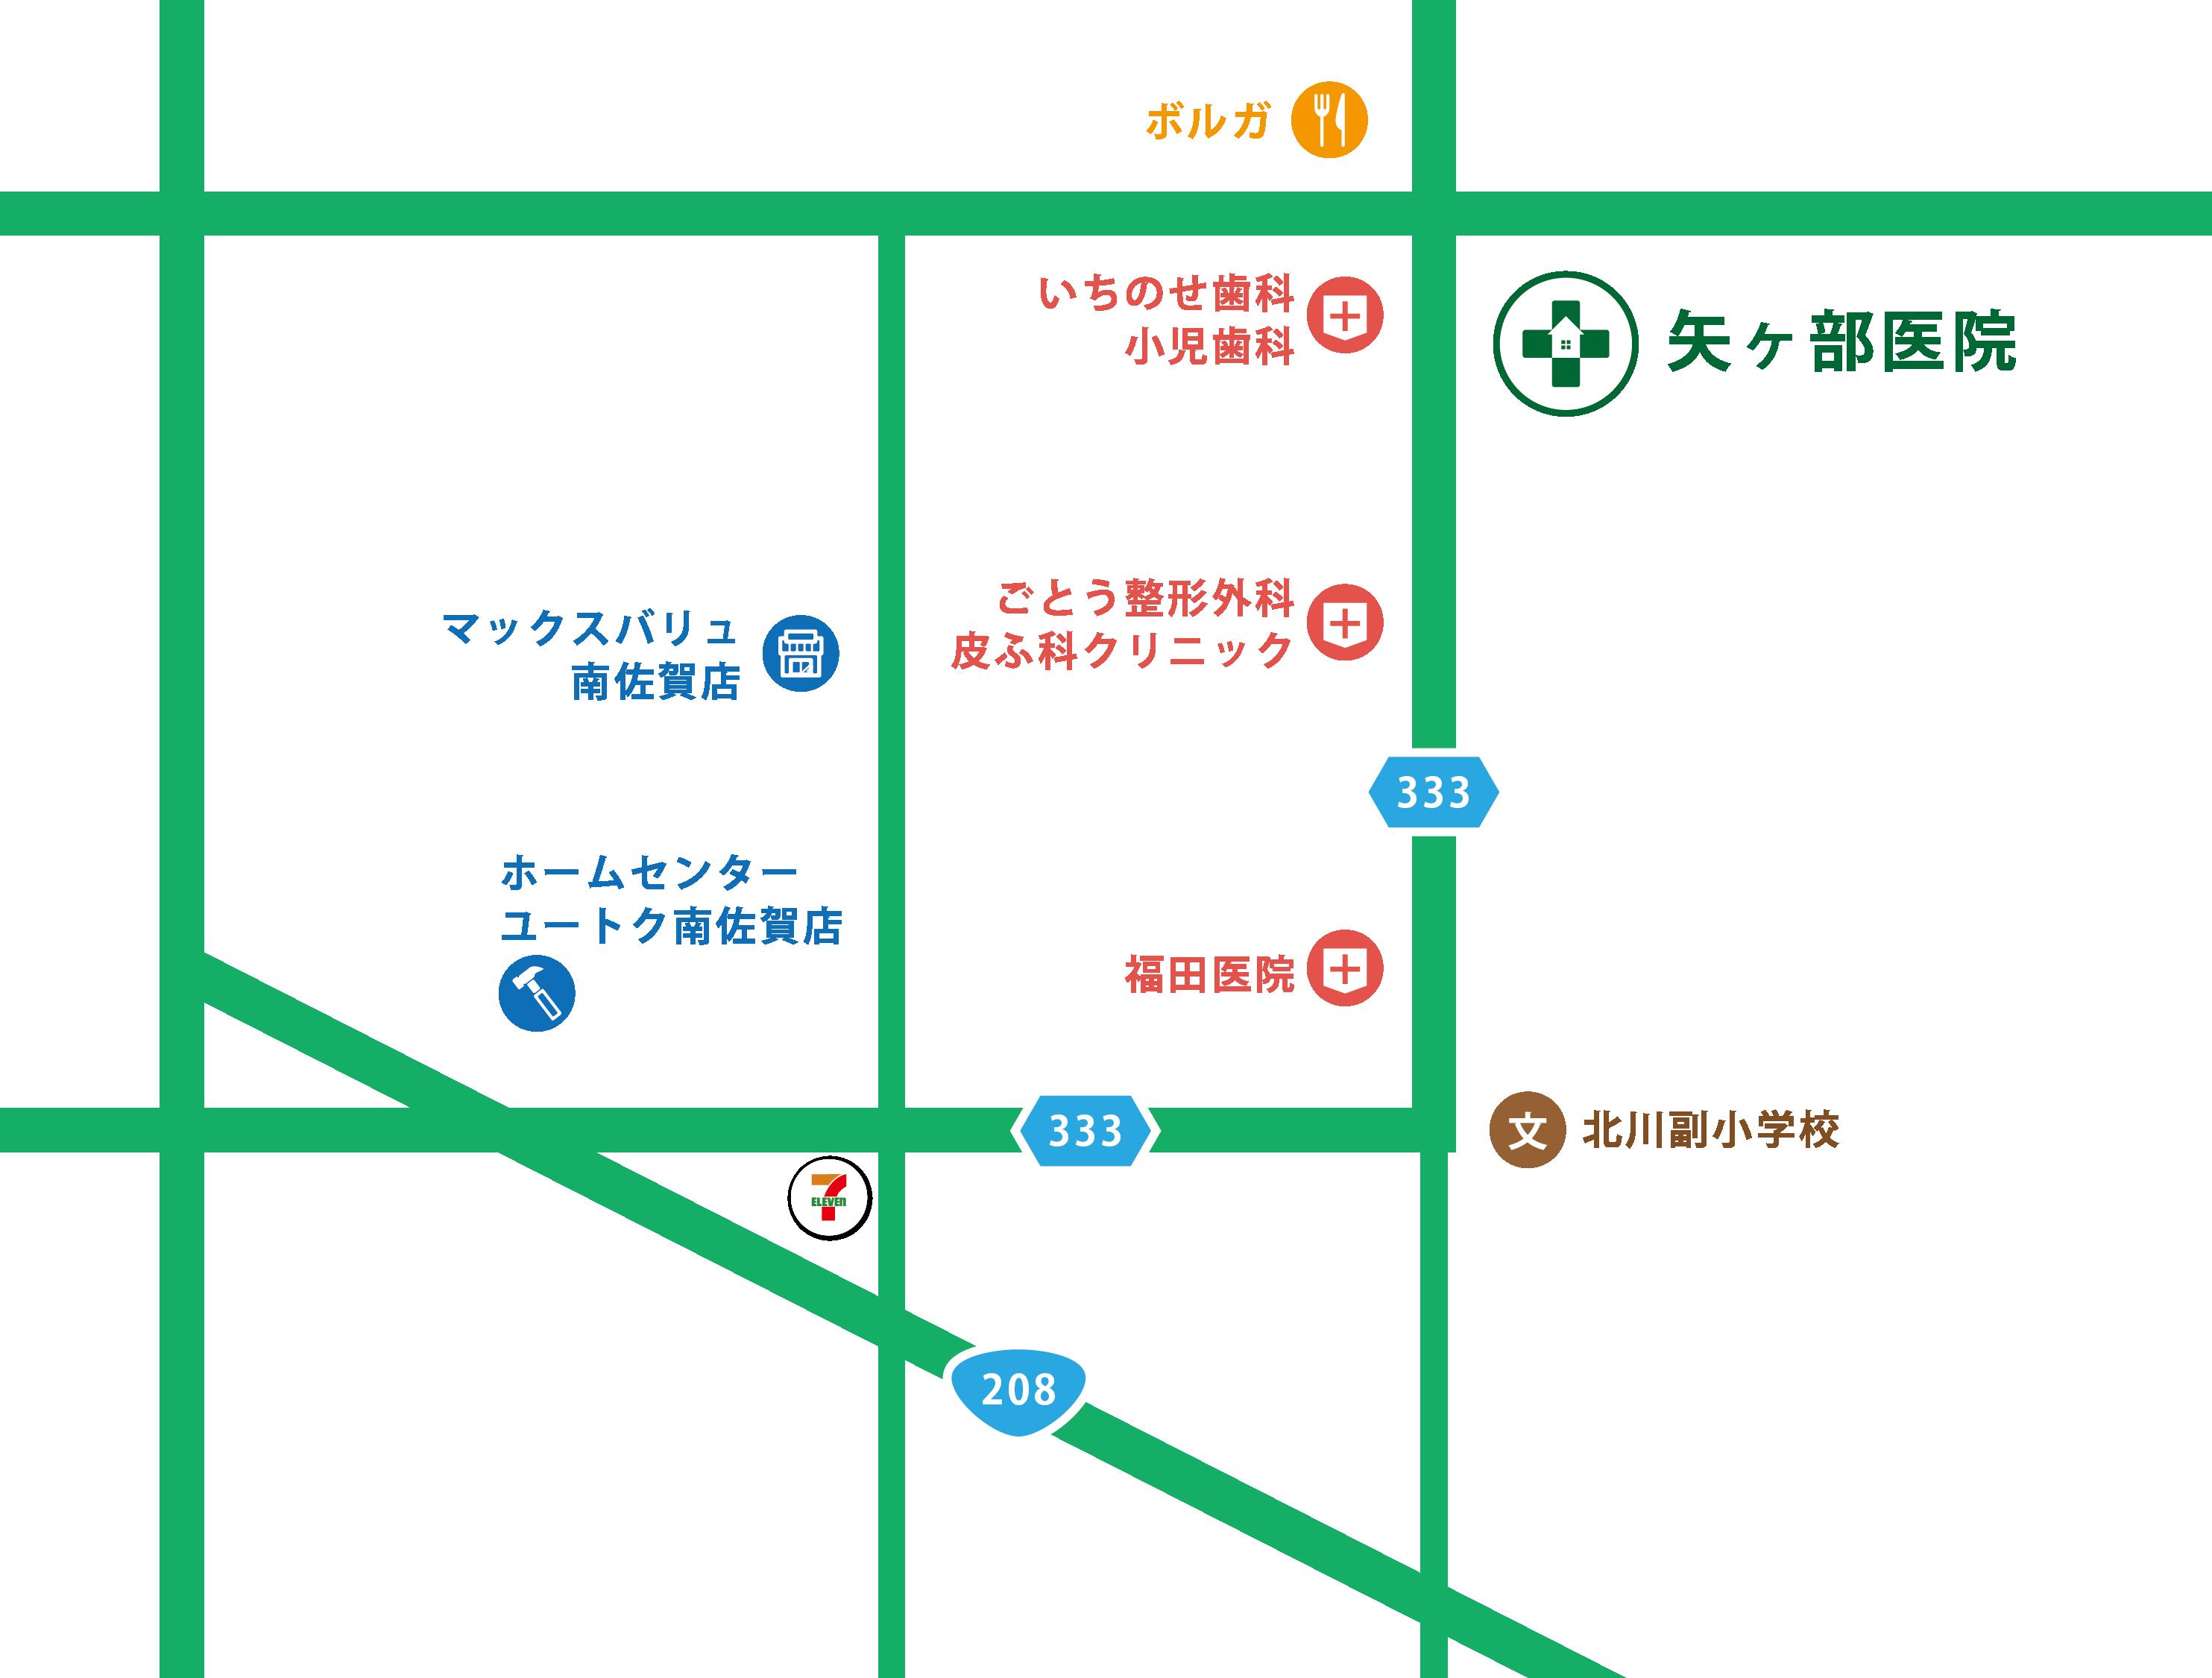 矢ヶ部医院の地図